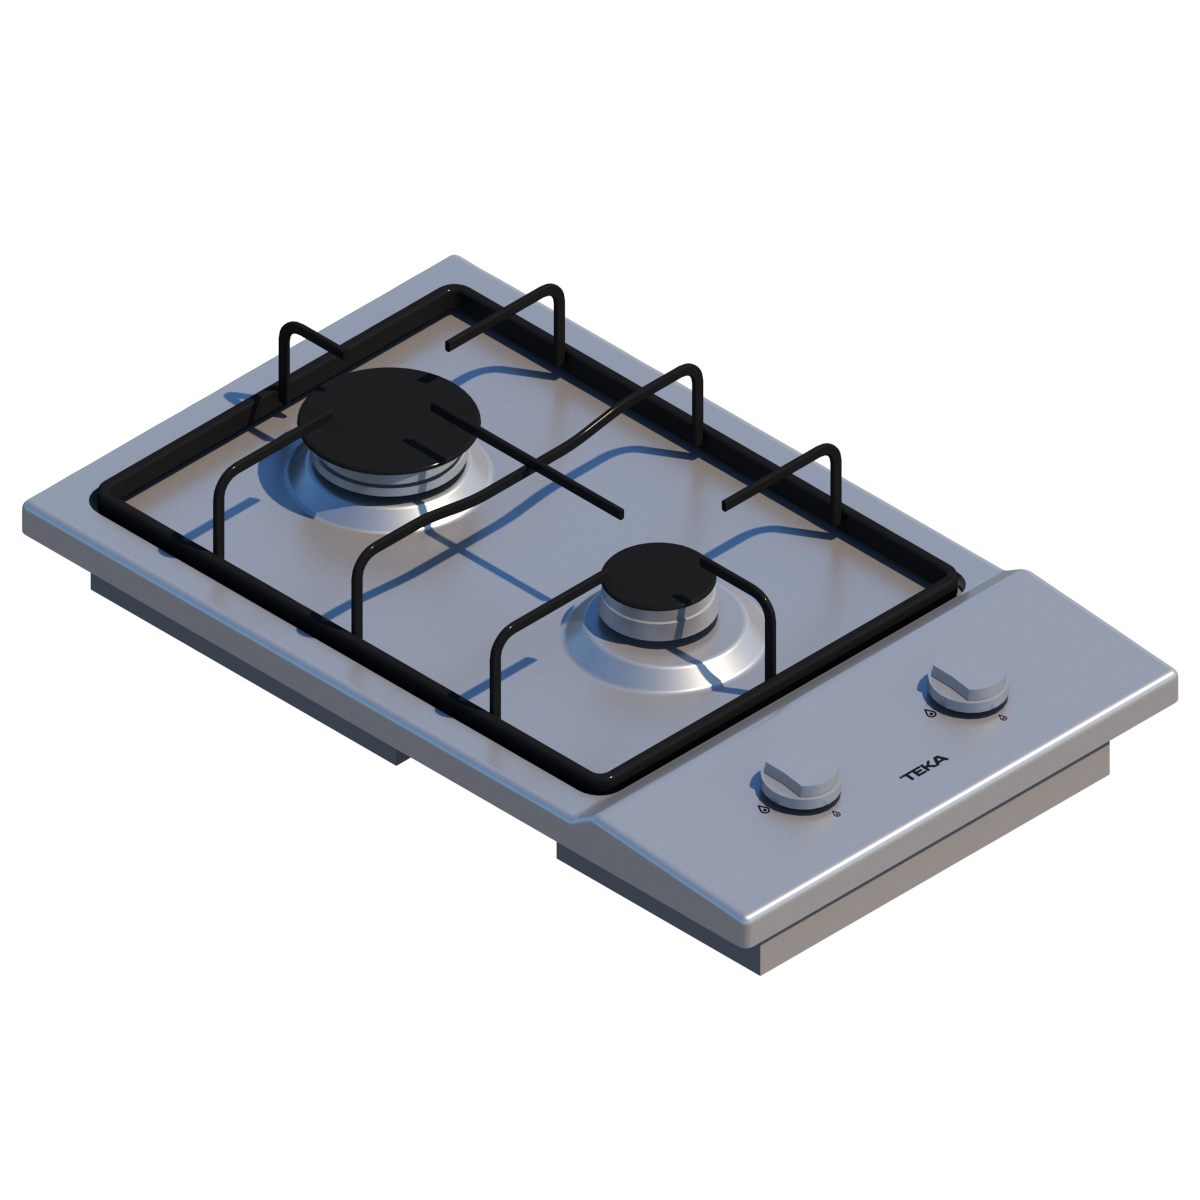 Encimera placa de cocción a gas – EH 302G en BIM